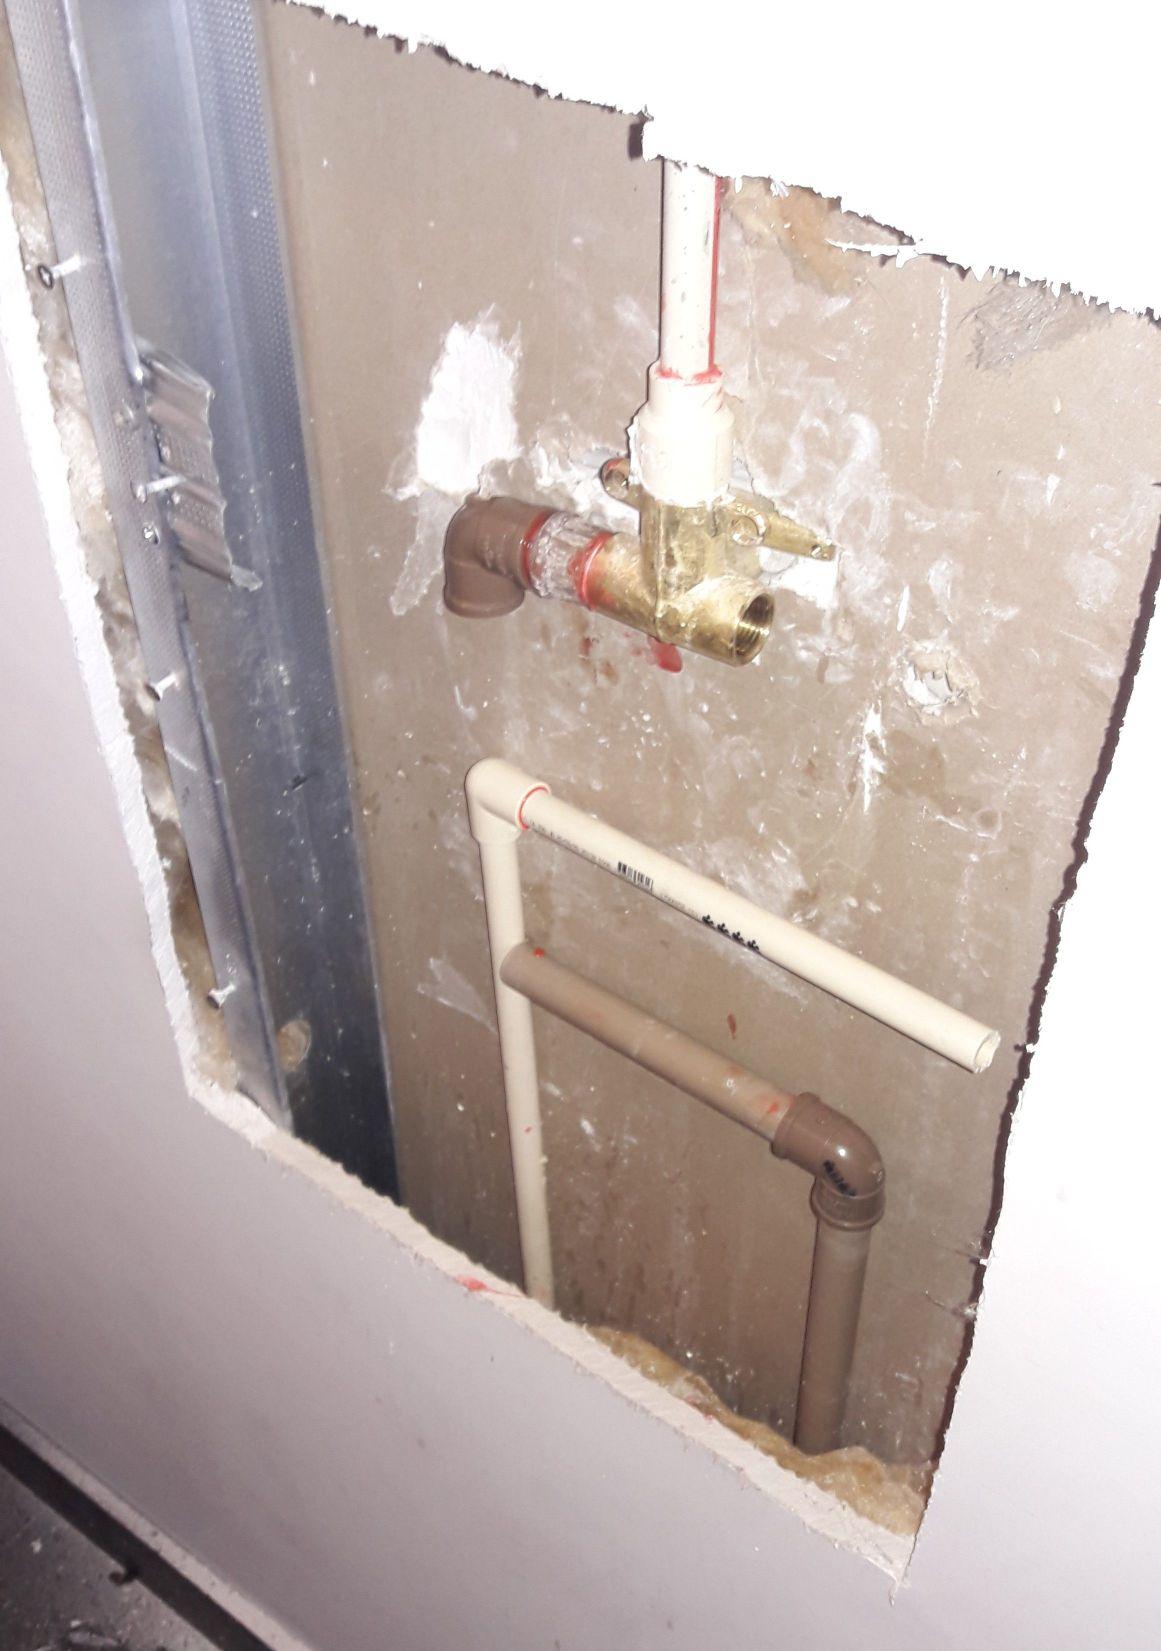 Encanamento do chuveiro foi instalado invertido